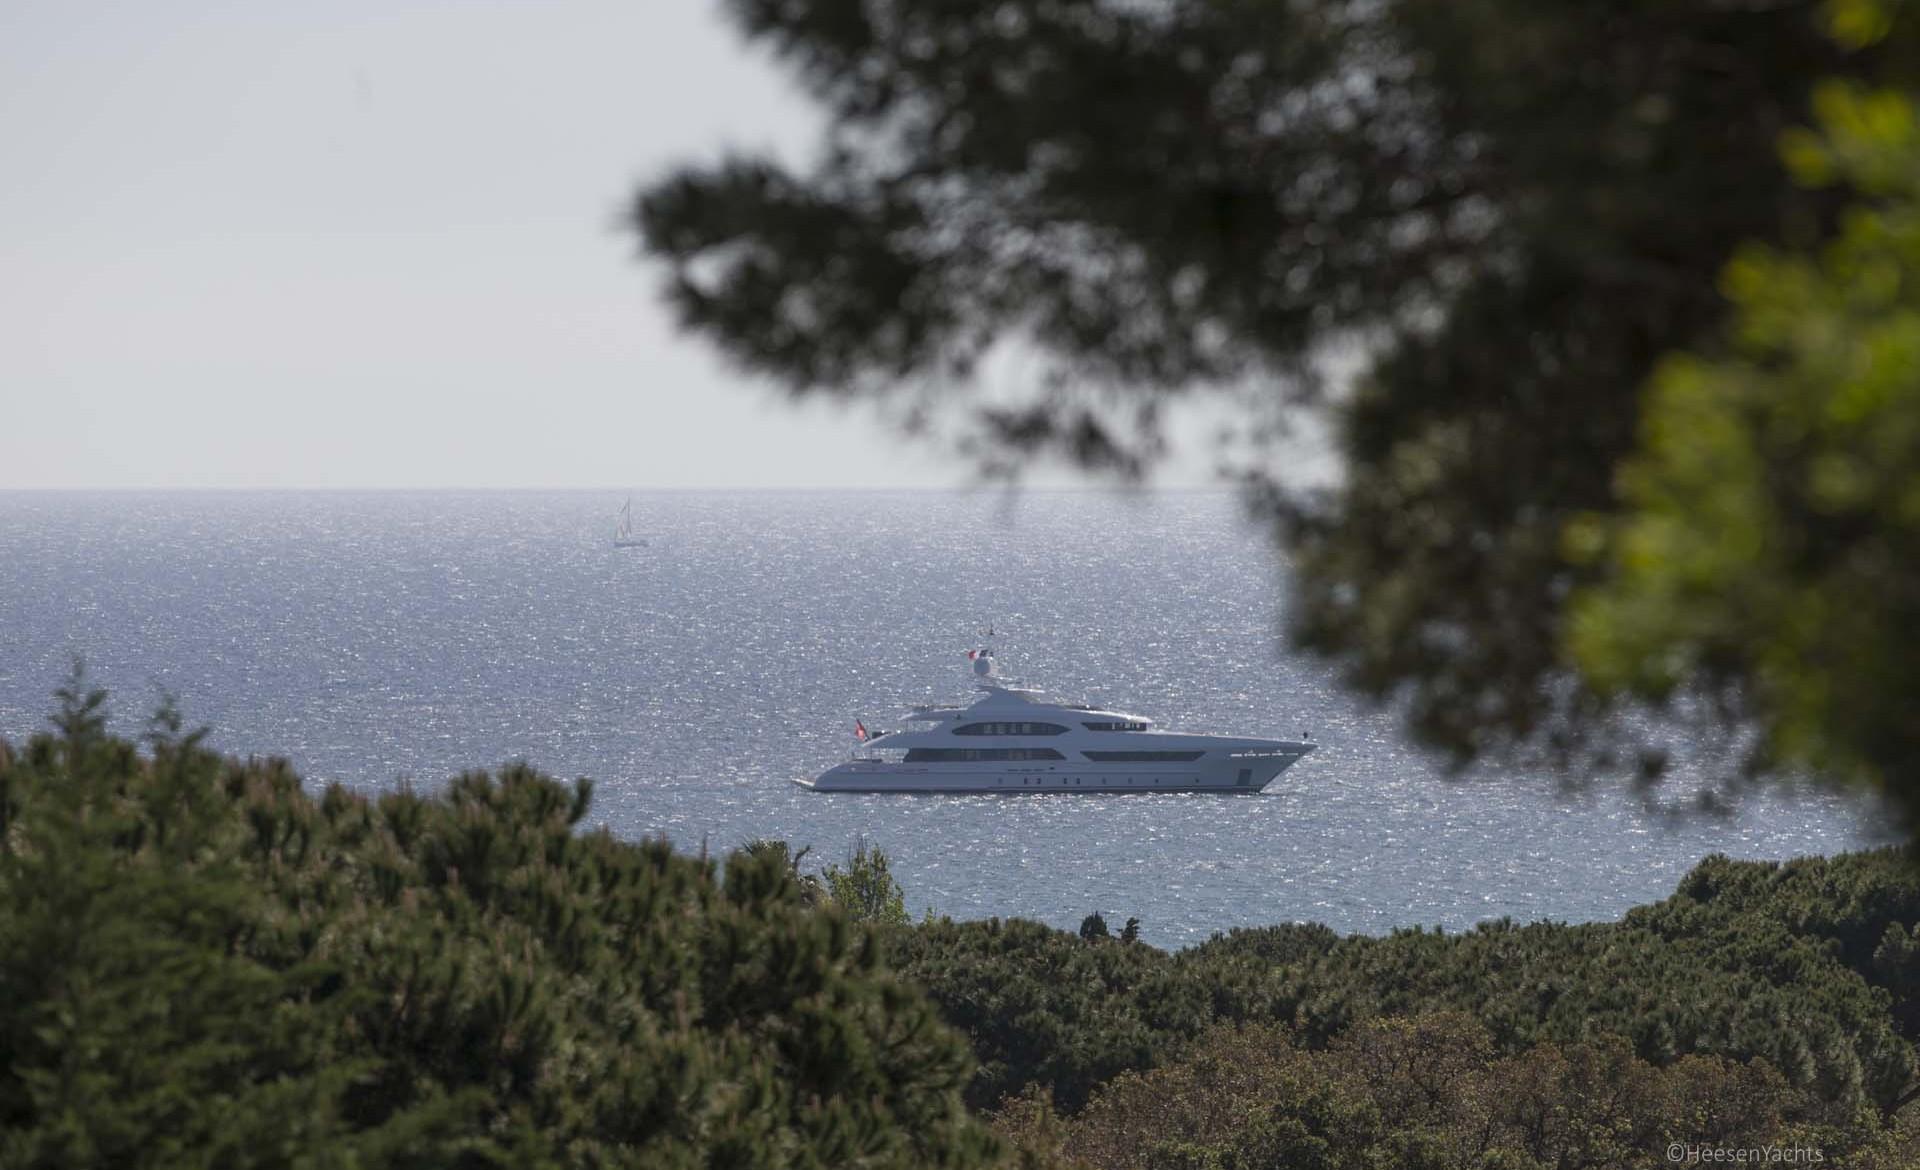 47m Heesen Yacht In The Mediterranean